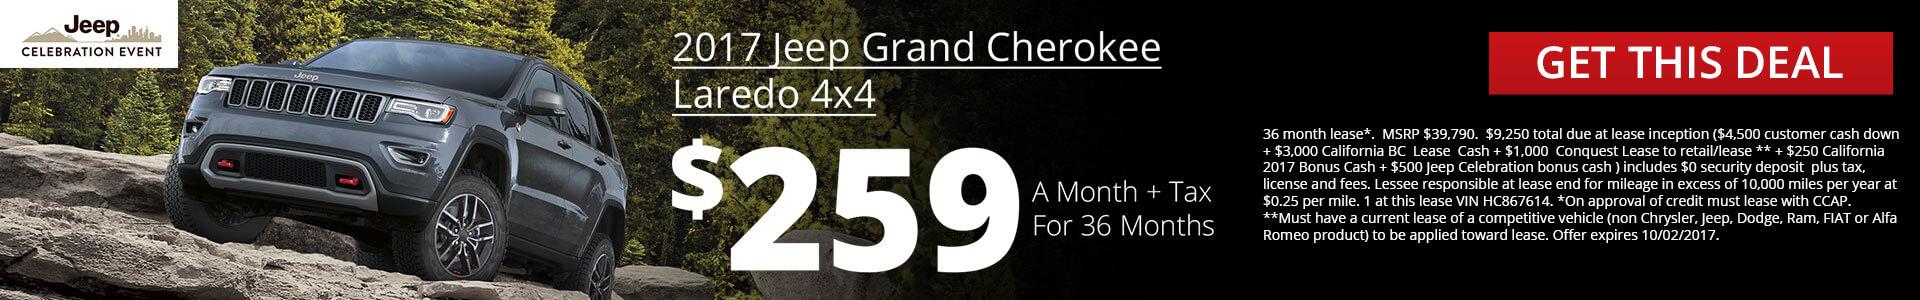 Grand Cherokee SRP